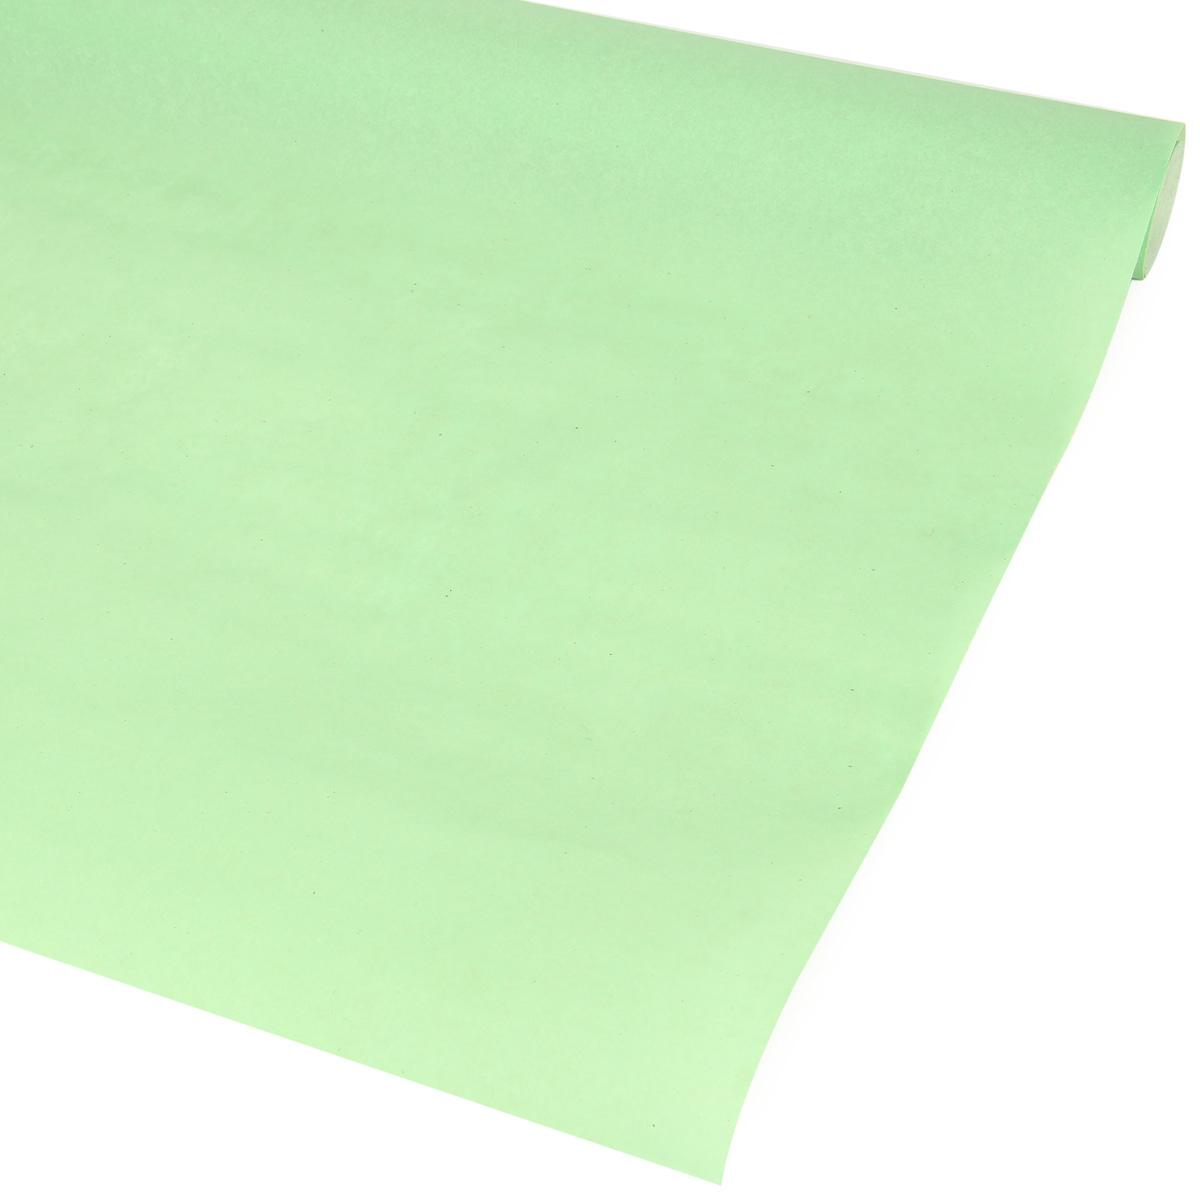 Бумага упаковочная Veld-Co Пергамент 11, цвет: зеленое яблоко (40), 83 см х 10 м63507Любой подарок начинается с упаковки. Что может быть трогательнее и волшебнее, чем ритуал разворачивания полученного презента. И именно оригинальная, со вкусом выбранная упаковка выделит ваш подарок из массы других. Она продемонстрирует самые тёплые чувства к виновнику торжества и создаст сказочную атмосферу праздника - это то, что вы искали.